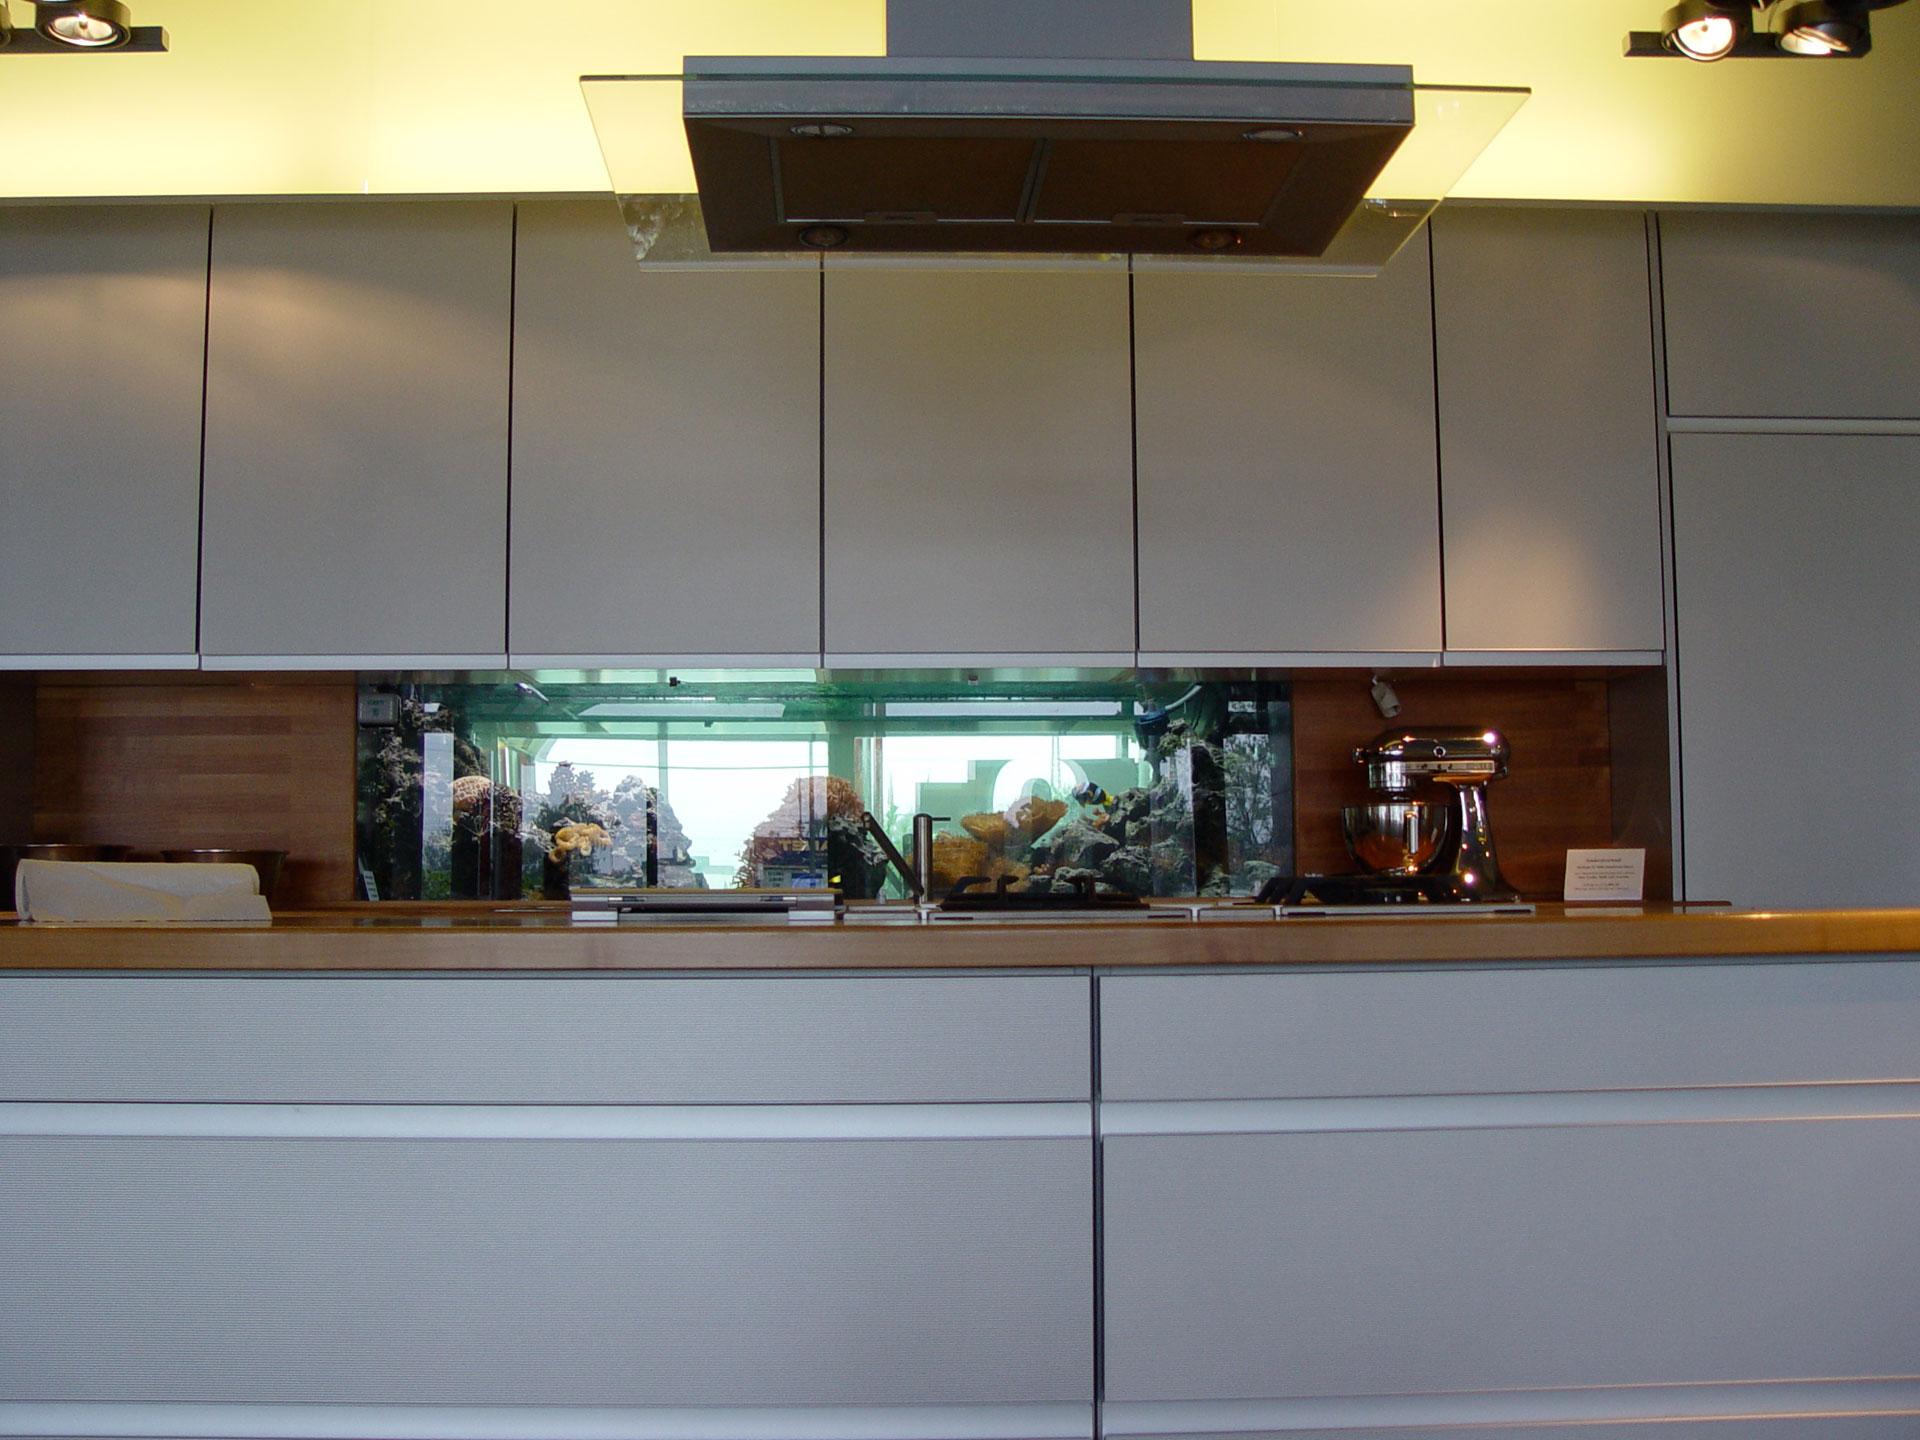 Kuchenstudio Meerwasseraquarium